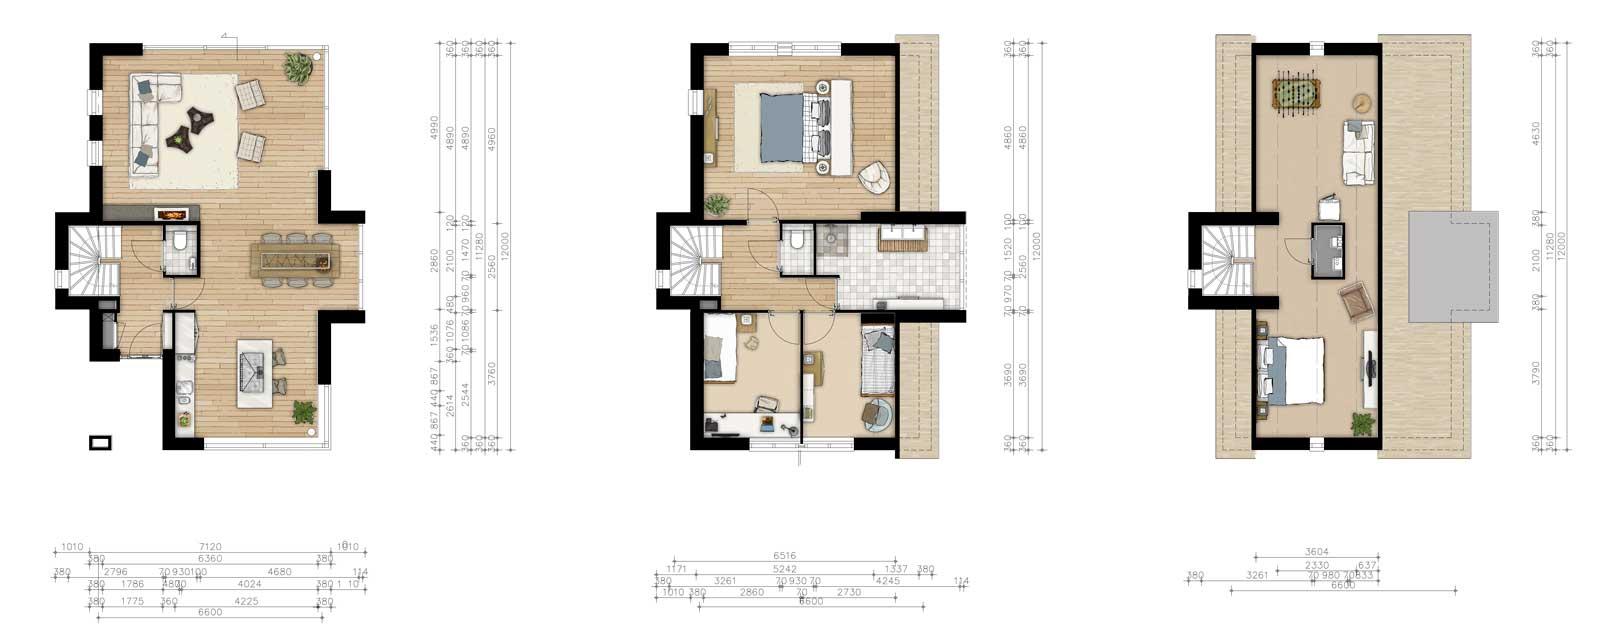 plattegronden vrijstaande woning- rietgedekte woningen Moerkapelle